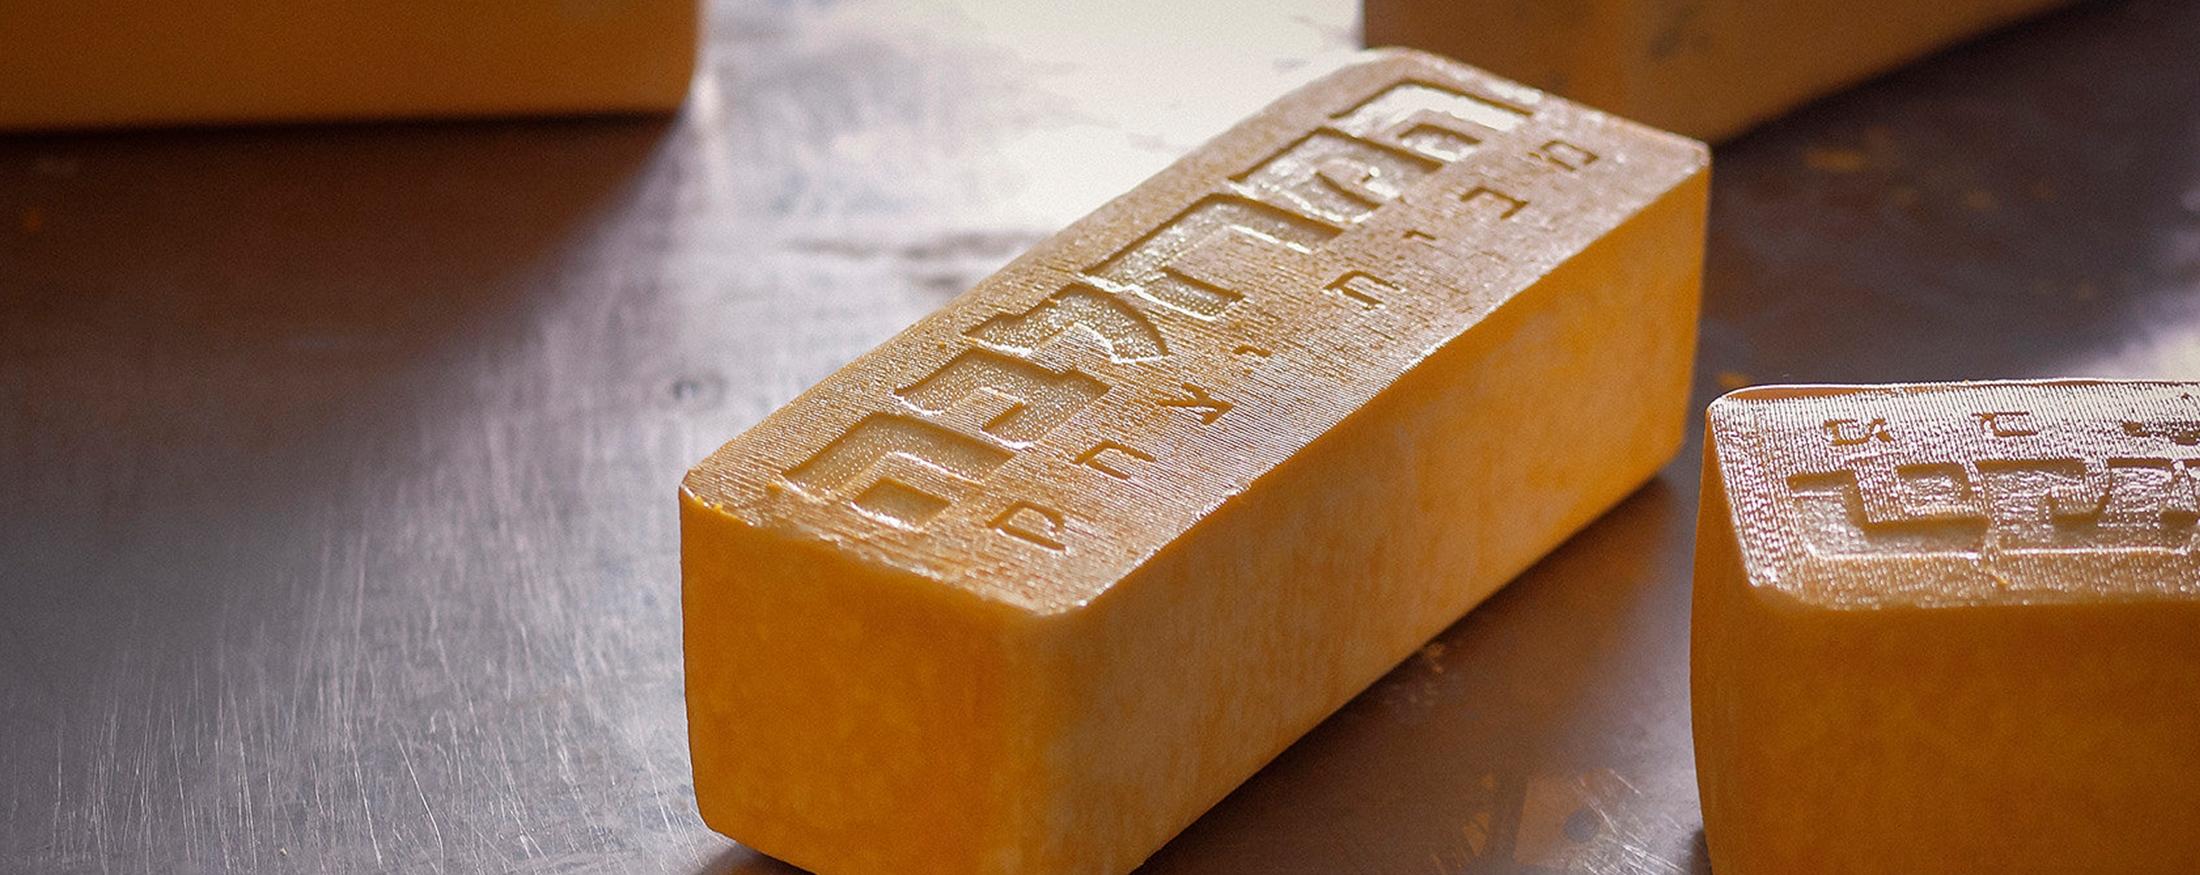 תמונת אווירה - תקריב גבינה